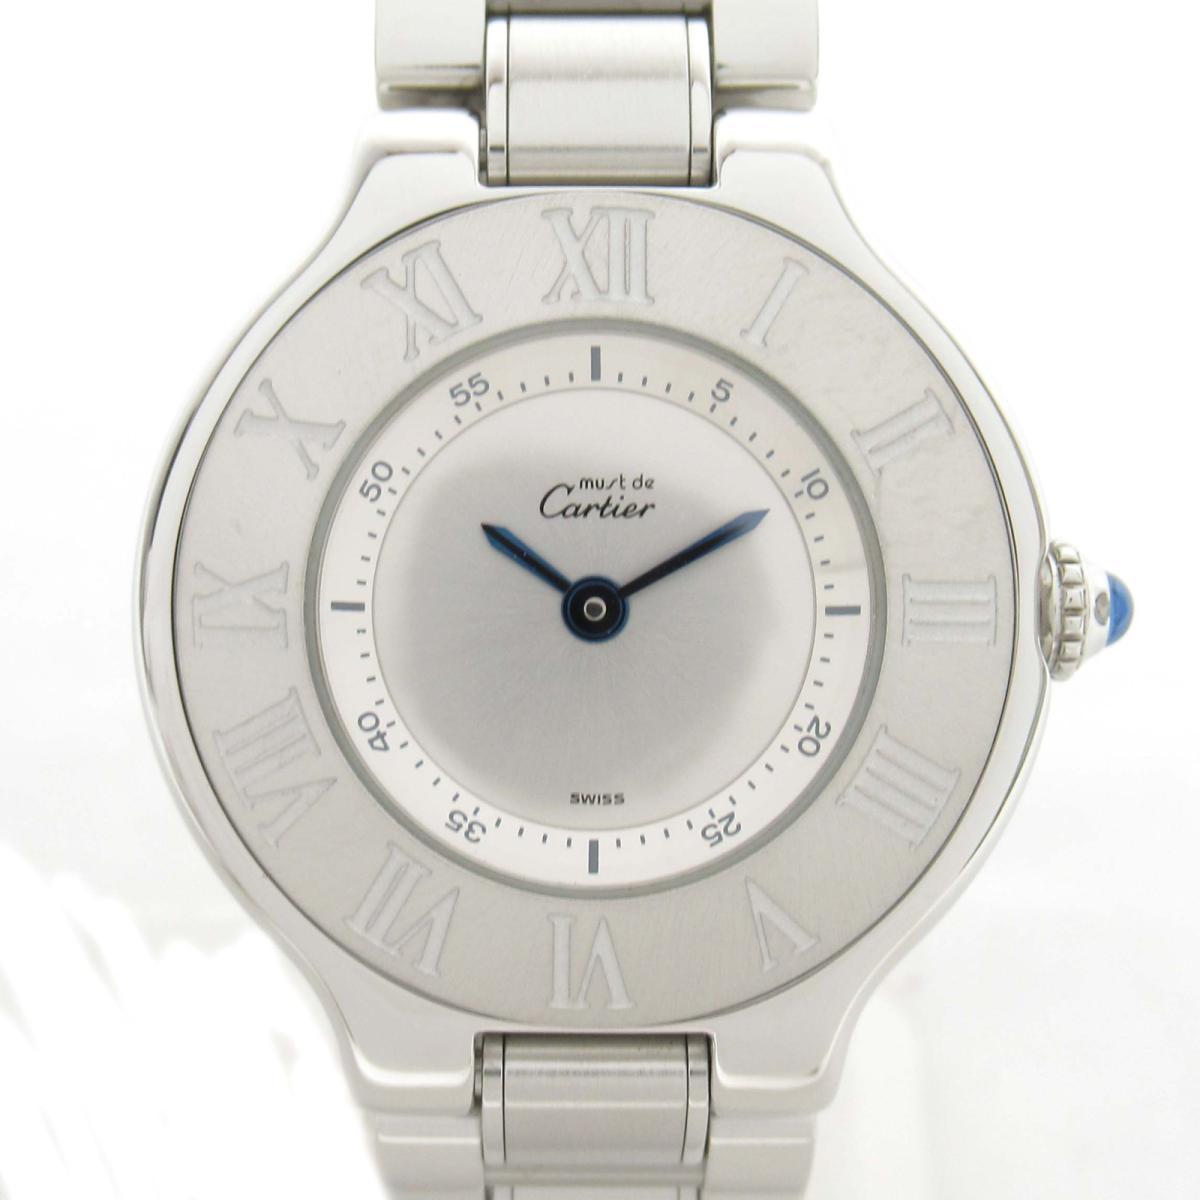 【中古】 カルティエ マスト21 ウォッチ 腕時計 レディース ステンレススチール (SS) | Cartier BRANDOFF ブランドオフ ブランド ブランド時計 ブランド腕時計 時計